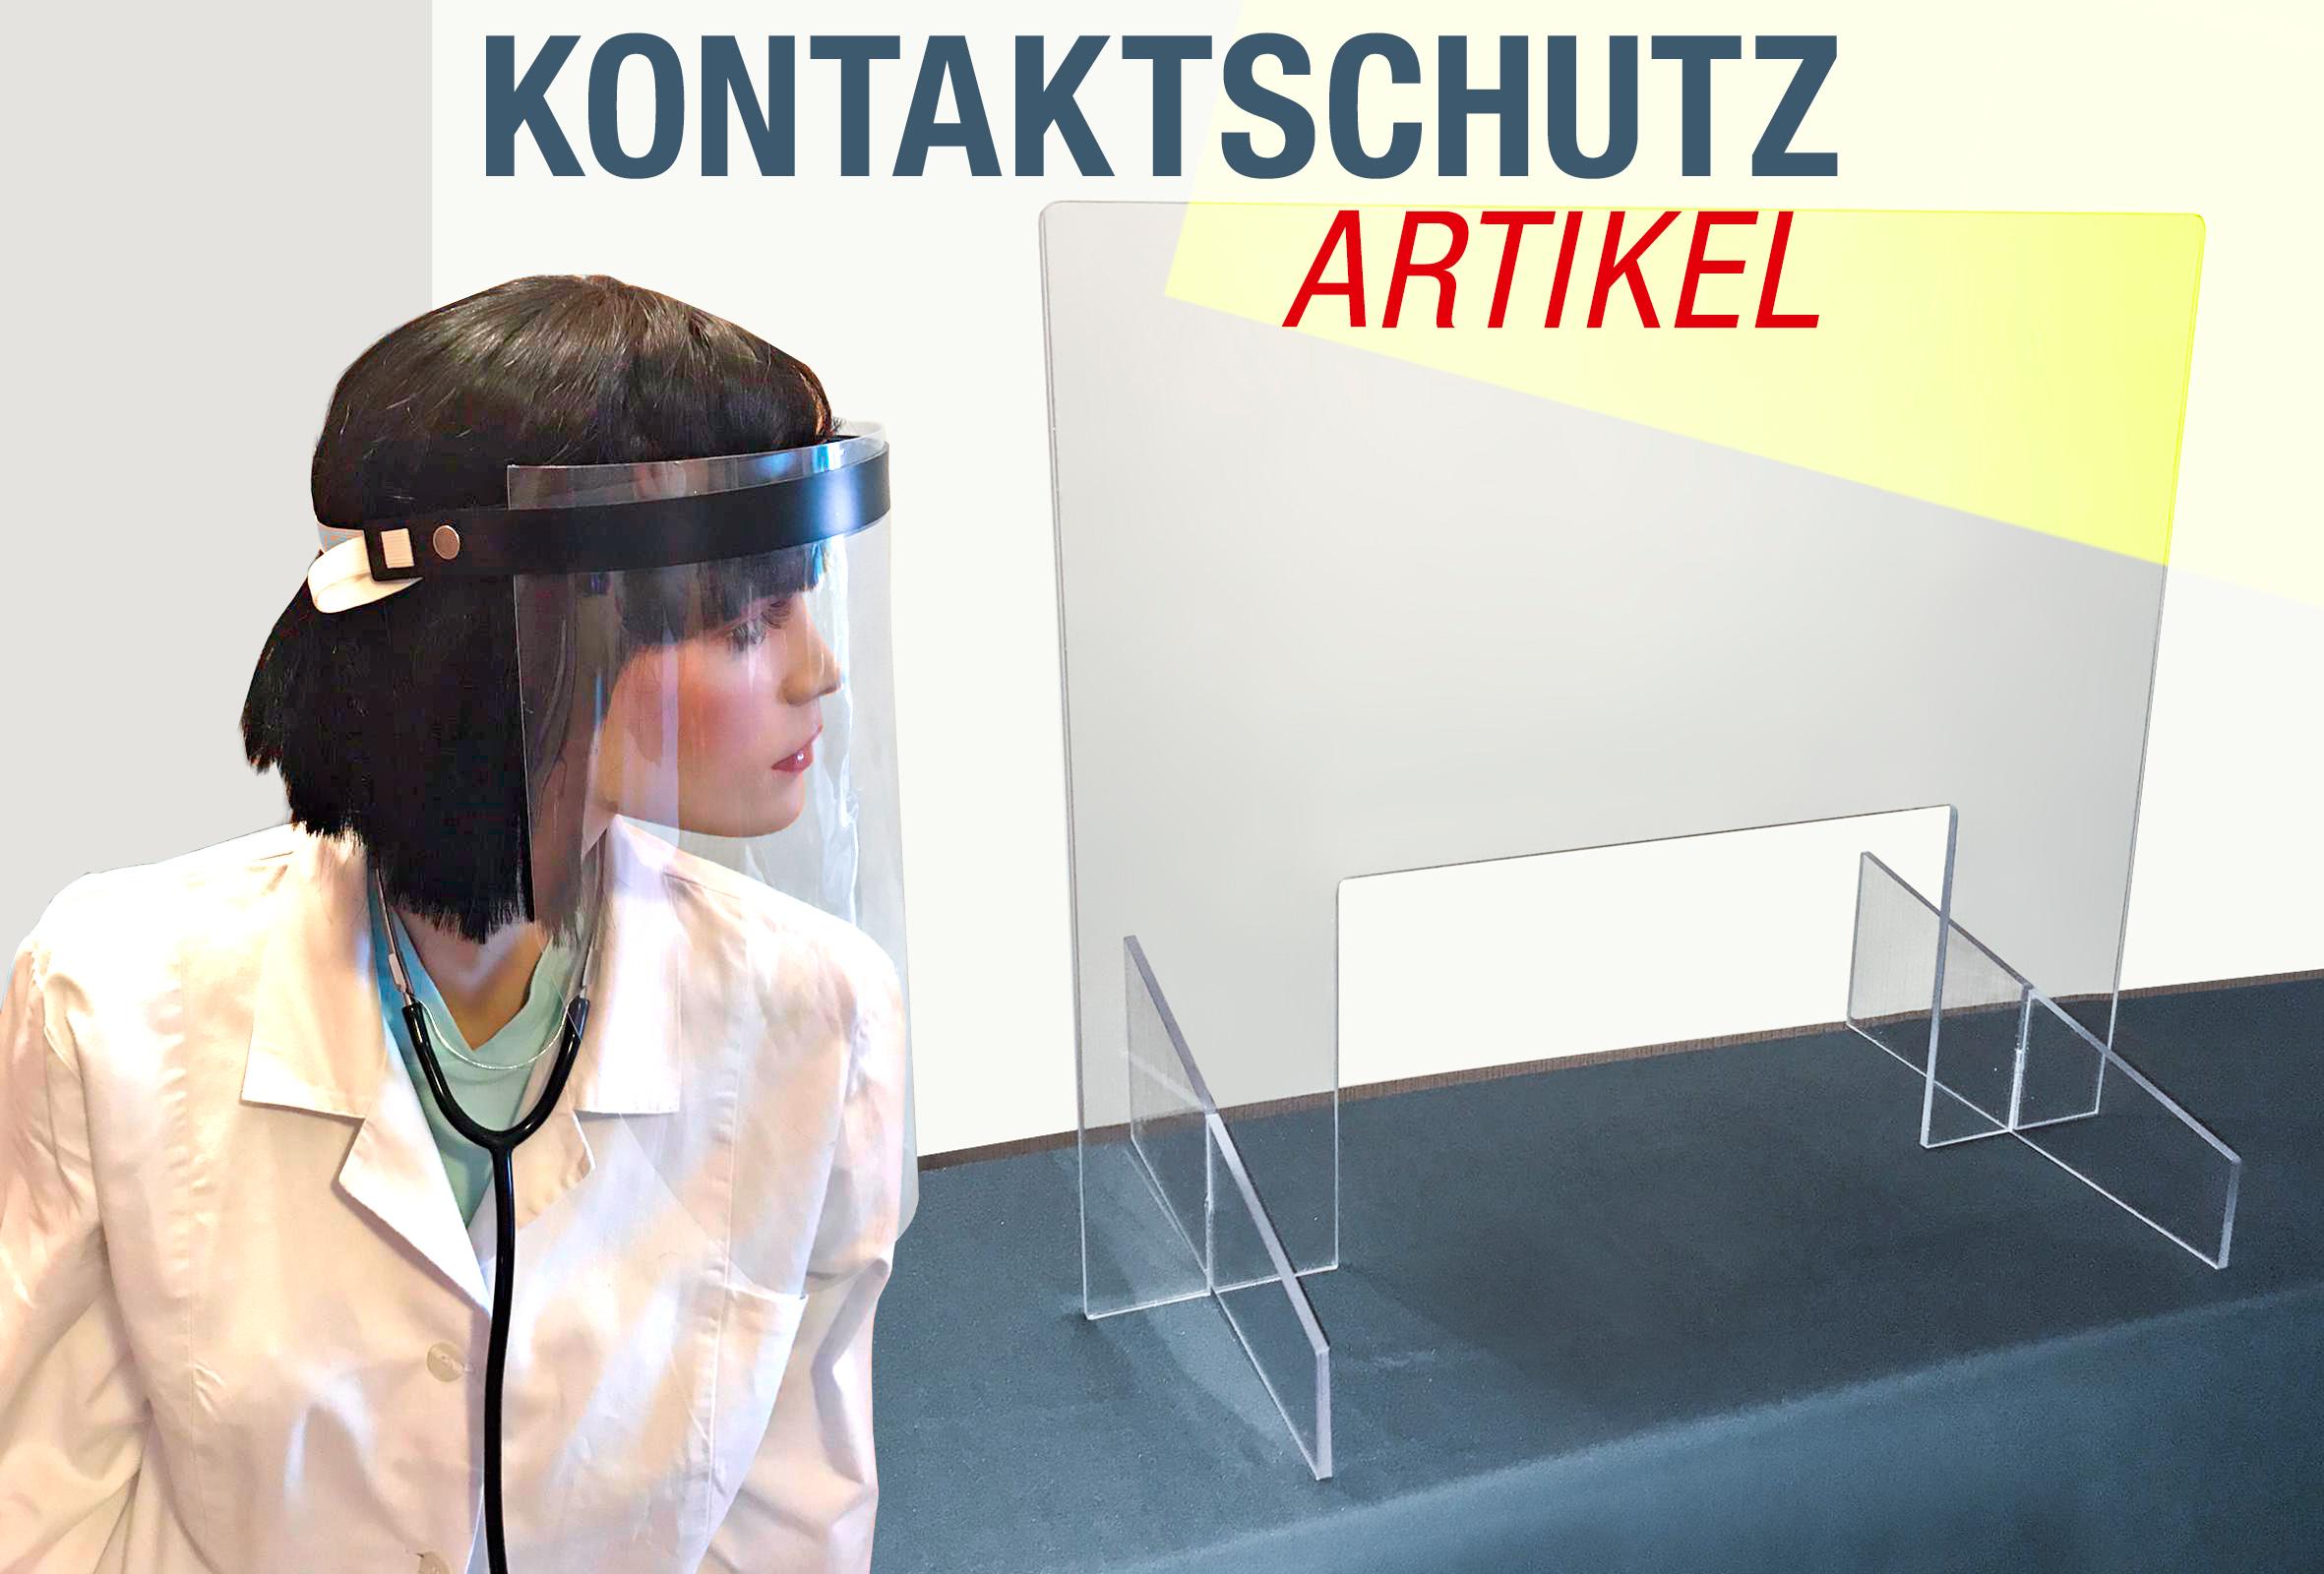 Kontaktschutz_wahlmoebel.de